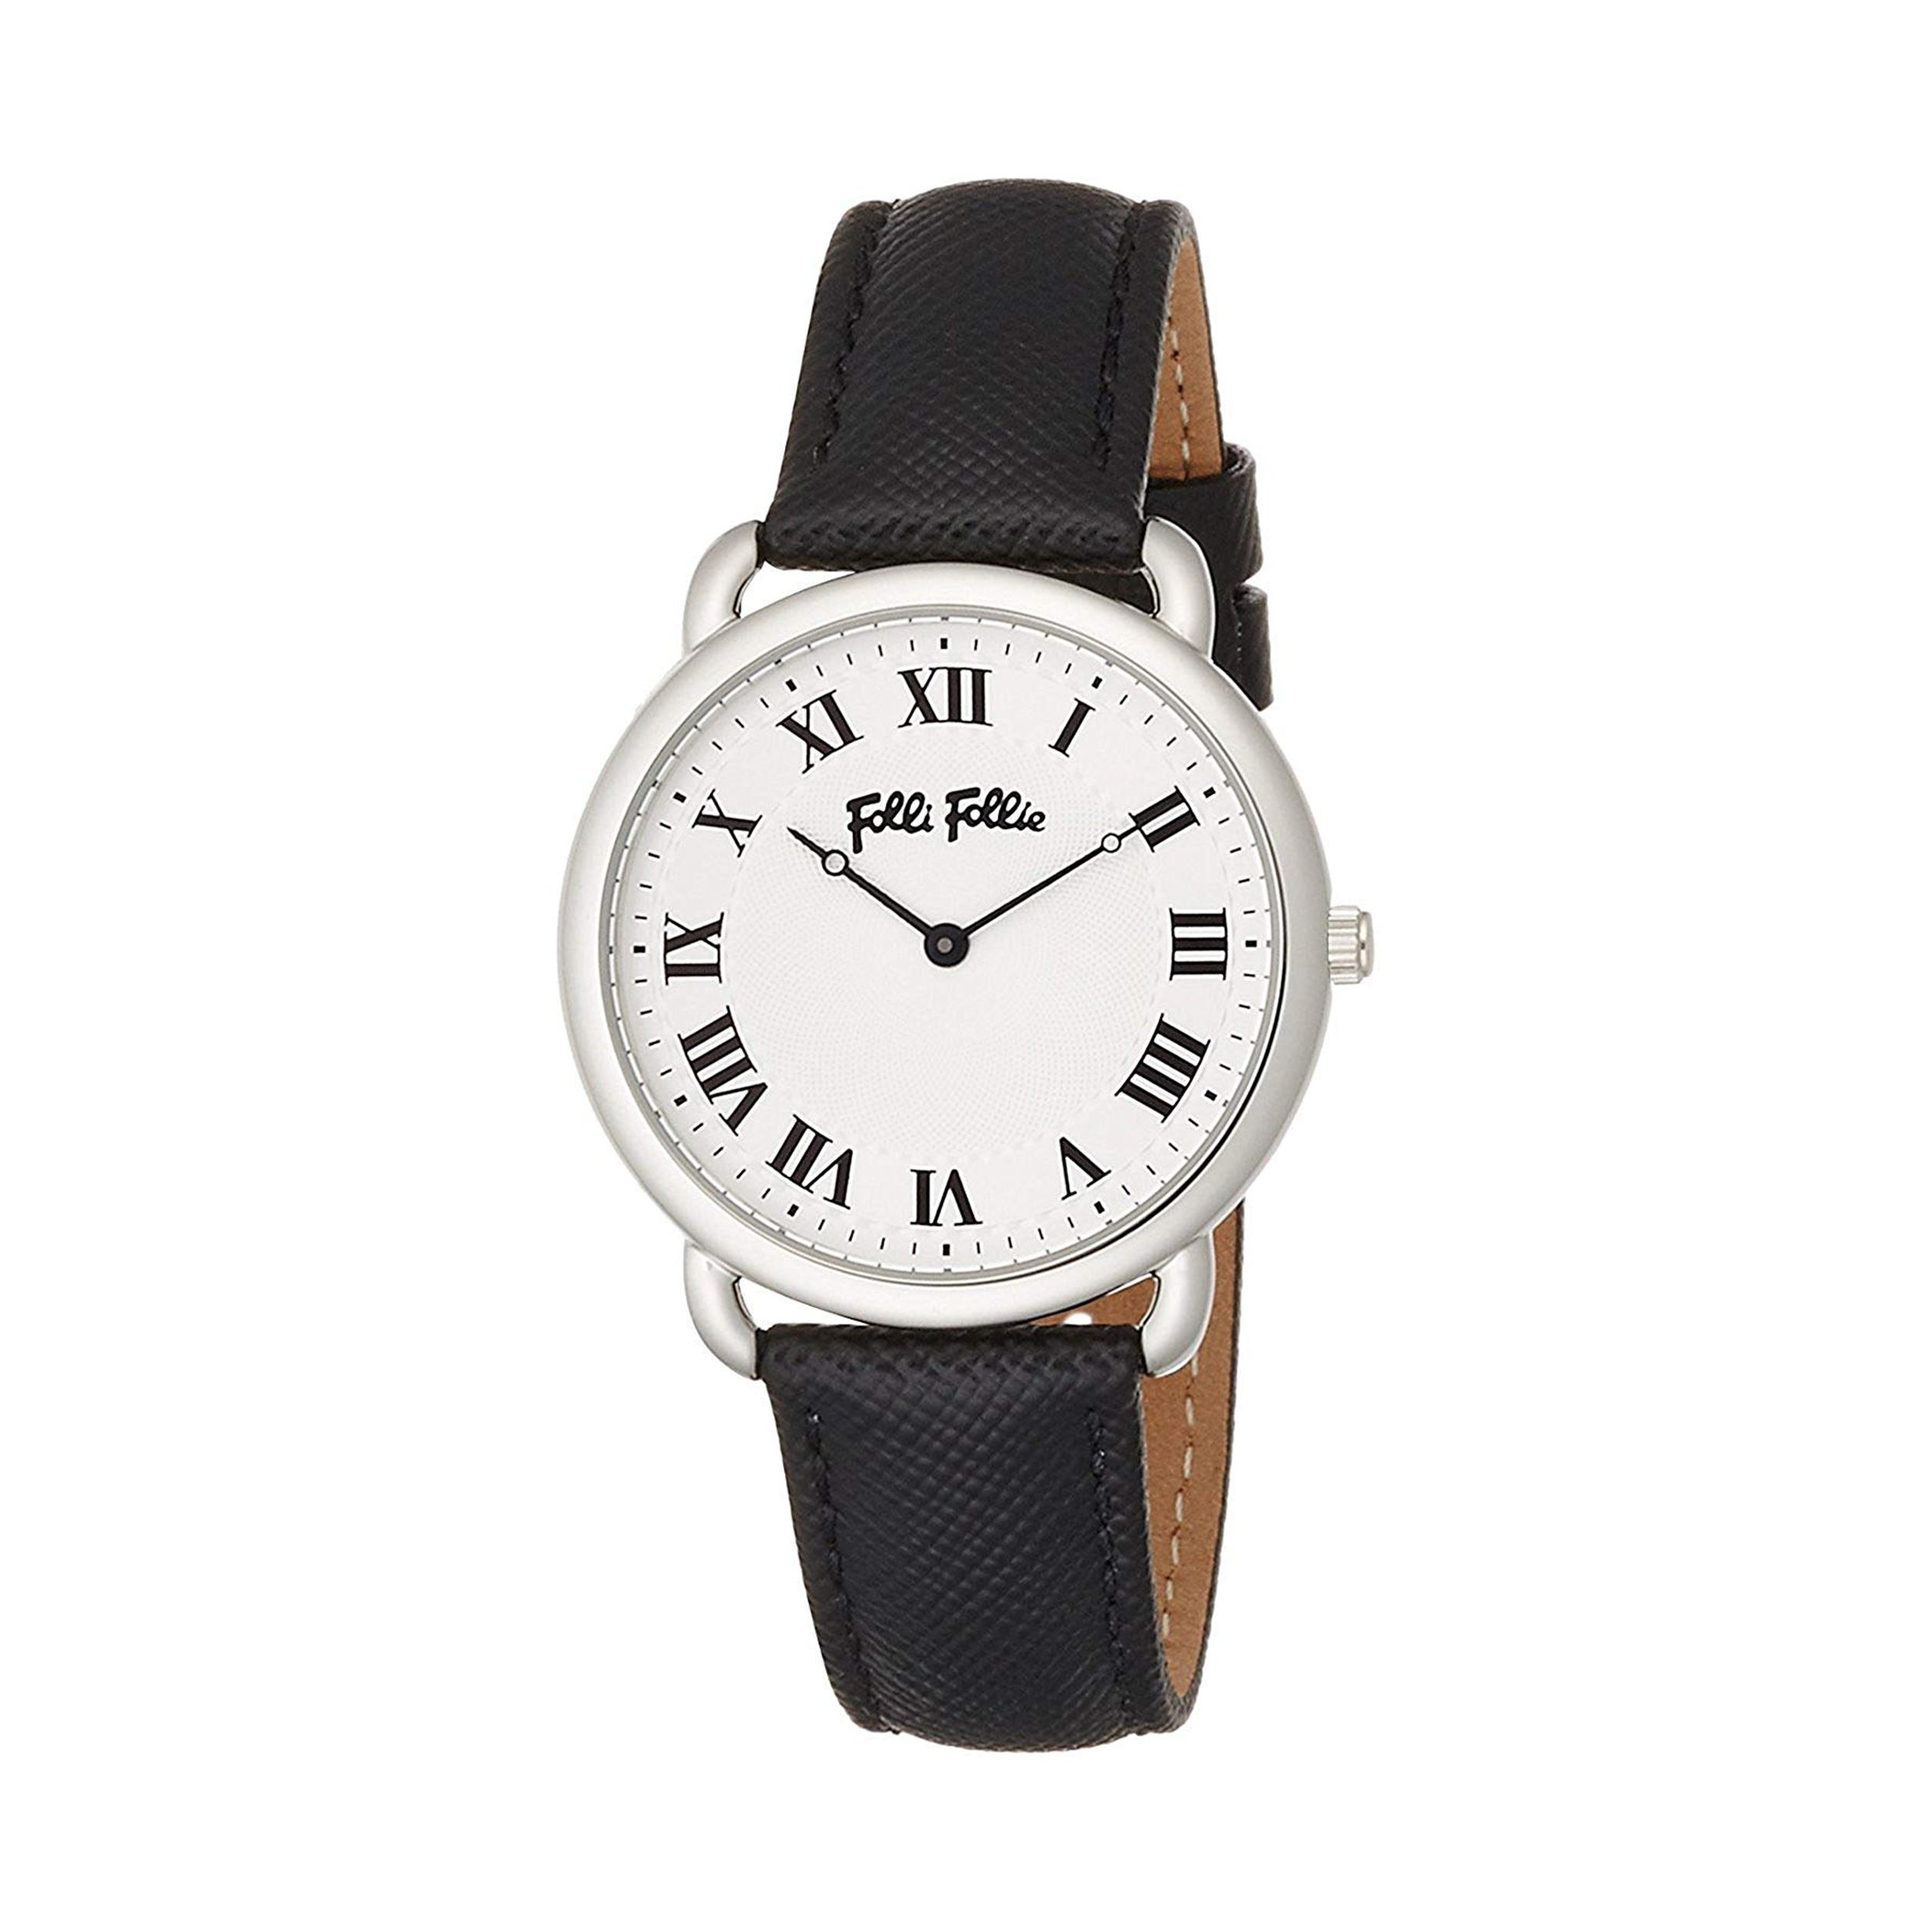 ساعت مچی عقربه ای زنانه فولی فولیه مدل WF16T013SPS-BK (بدون جعبه اورجینال)              خرید (⭐️⭐️⭐️)